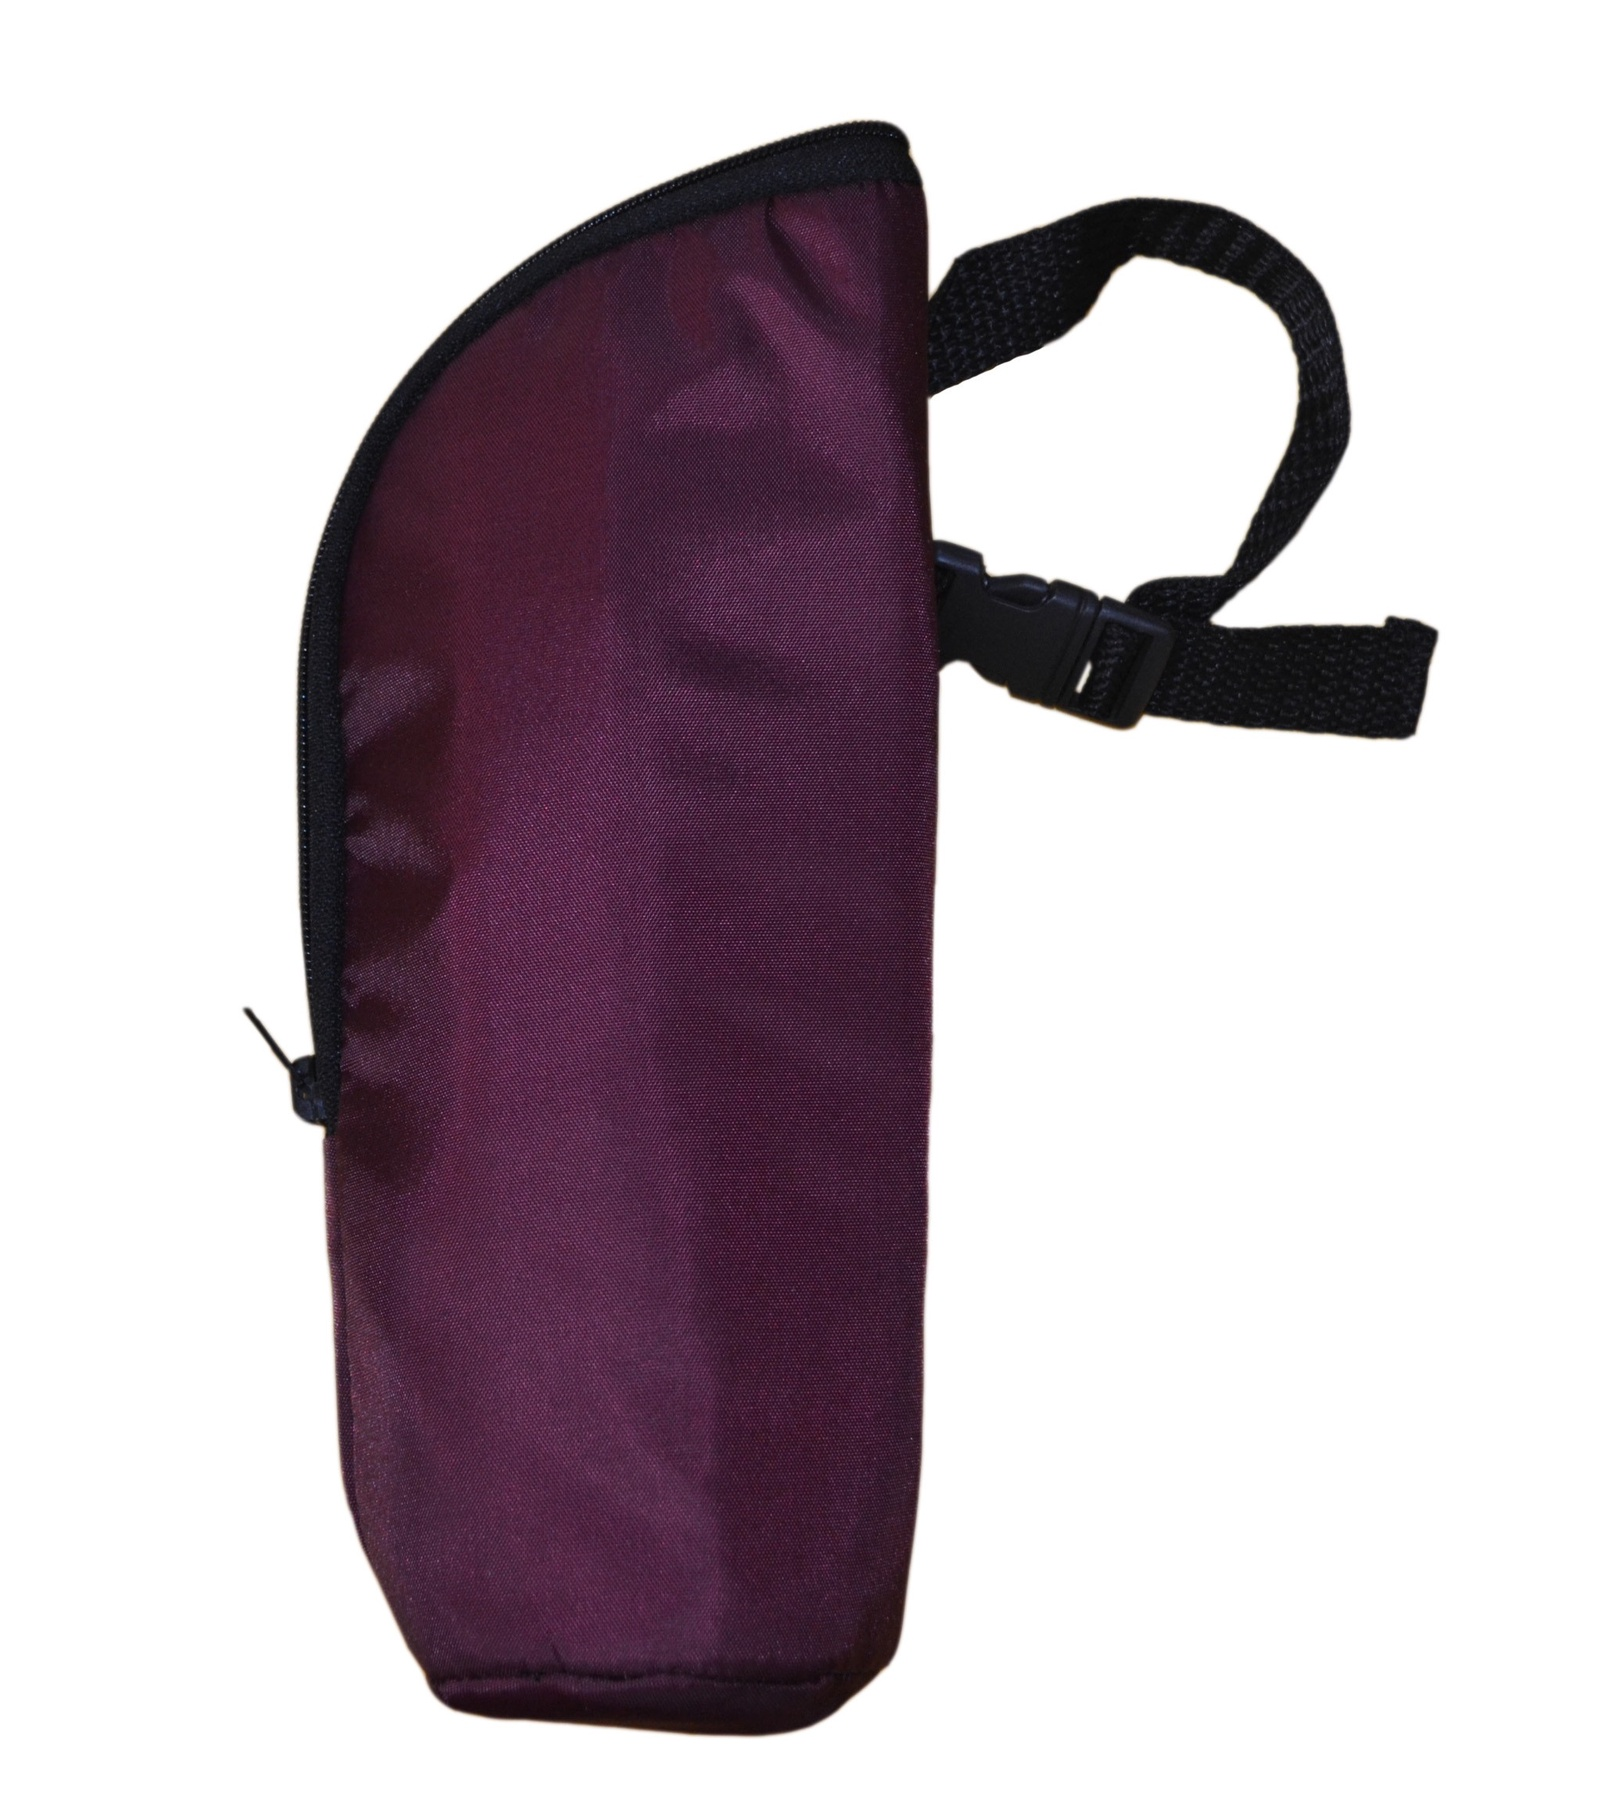 бутылочки Термосумка для бутылочки Мирти Пенал с эффектом сохранения тепла для бутылочек бордовый